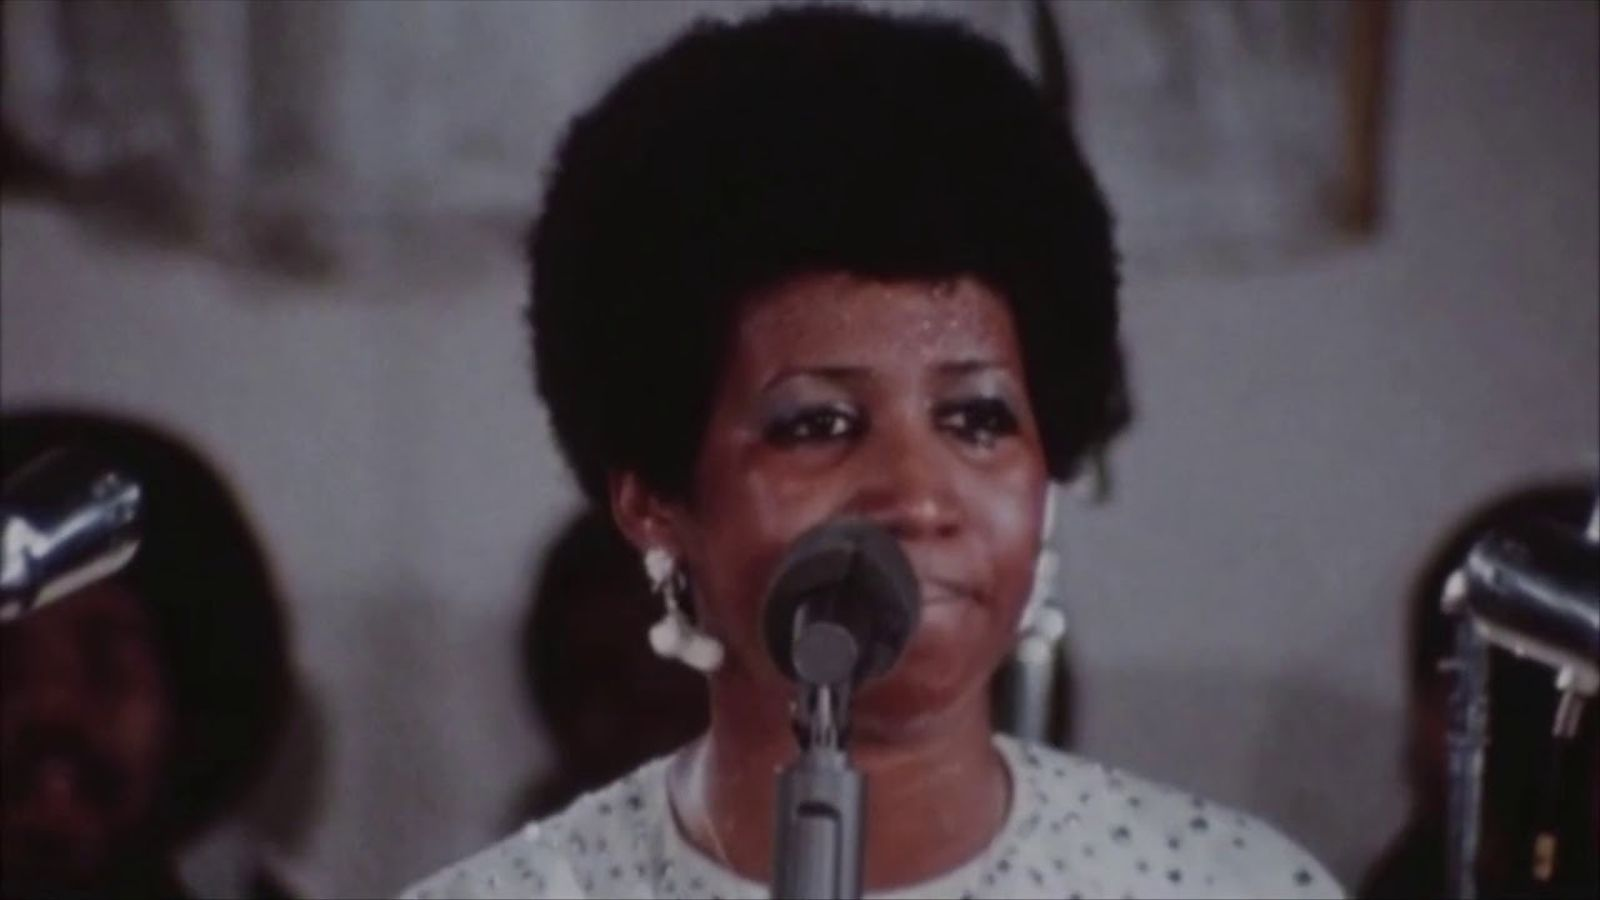 Tràiler d''Amazing grace', el concert filmat d'Aretha Franklin que veu la llum a la Berlinale